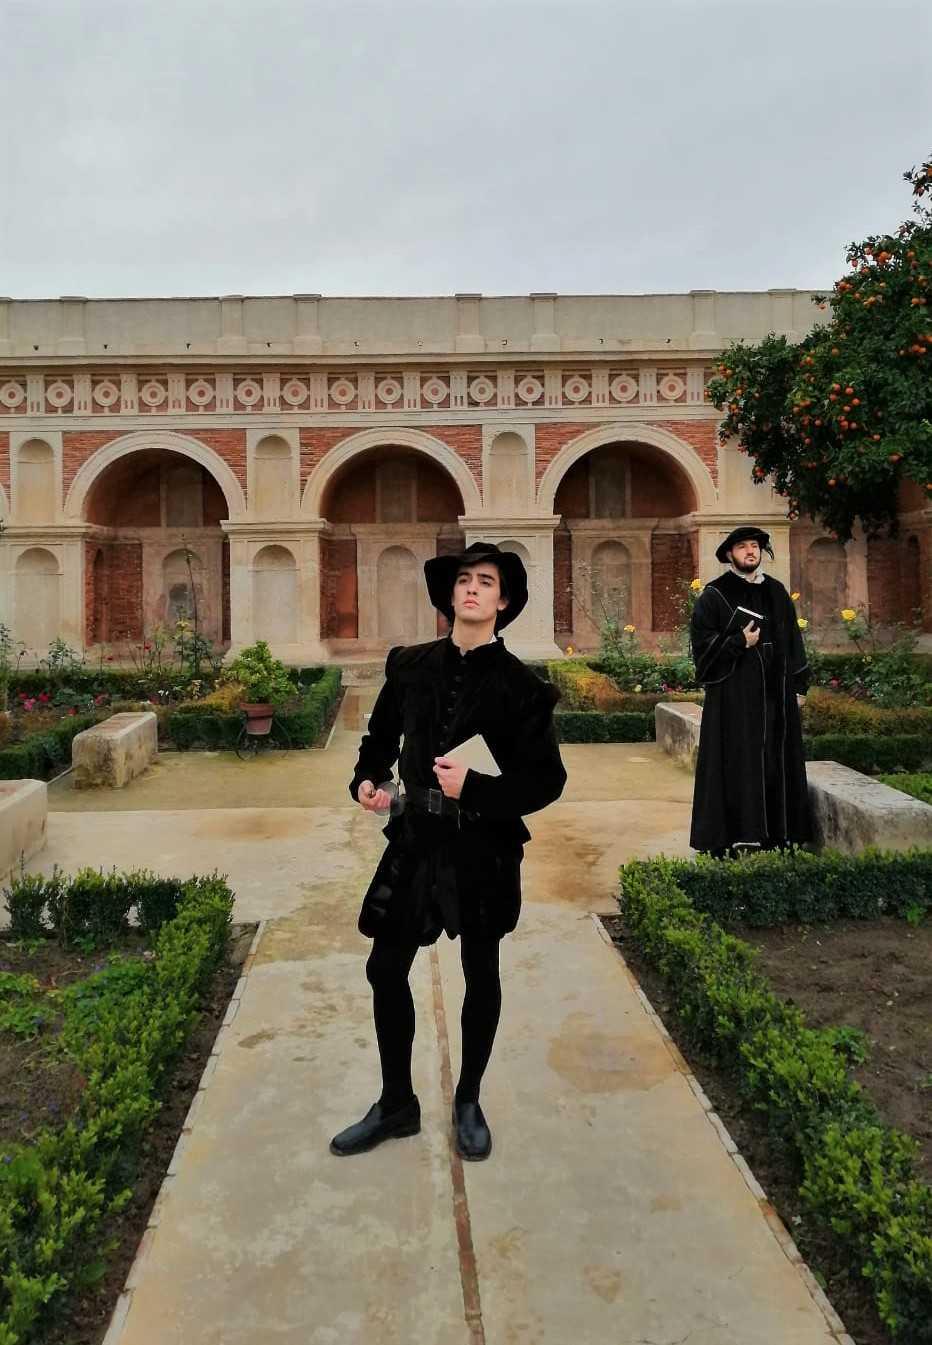 Visita nocturna teatralizada al Palacio de Bornos, (Cádiz)